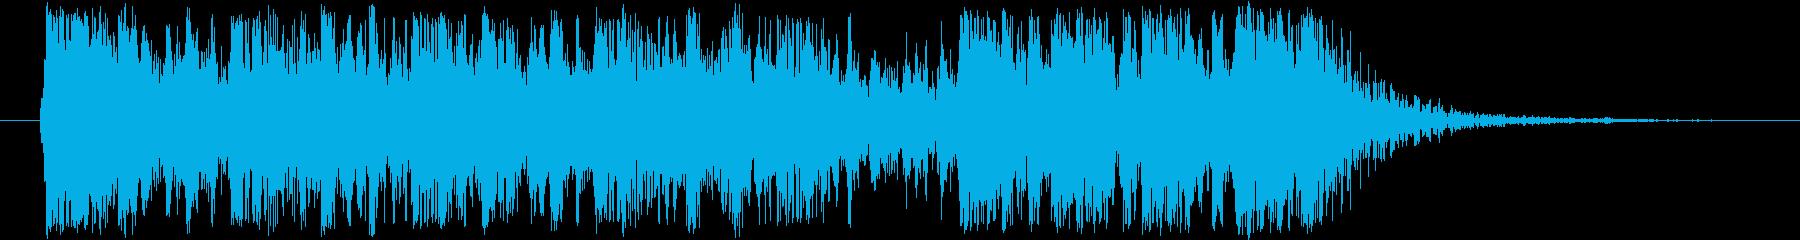 危機感/緊張感/疾走感のあるオーケストラの再生済みの波形